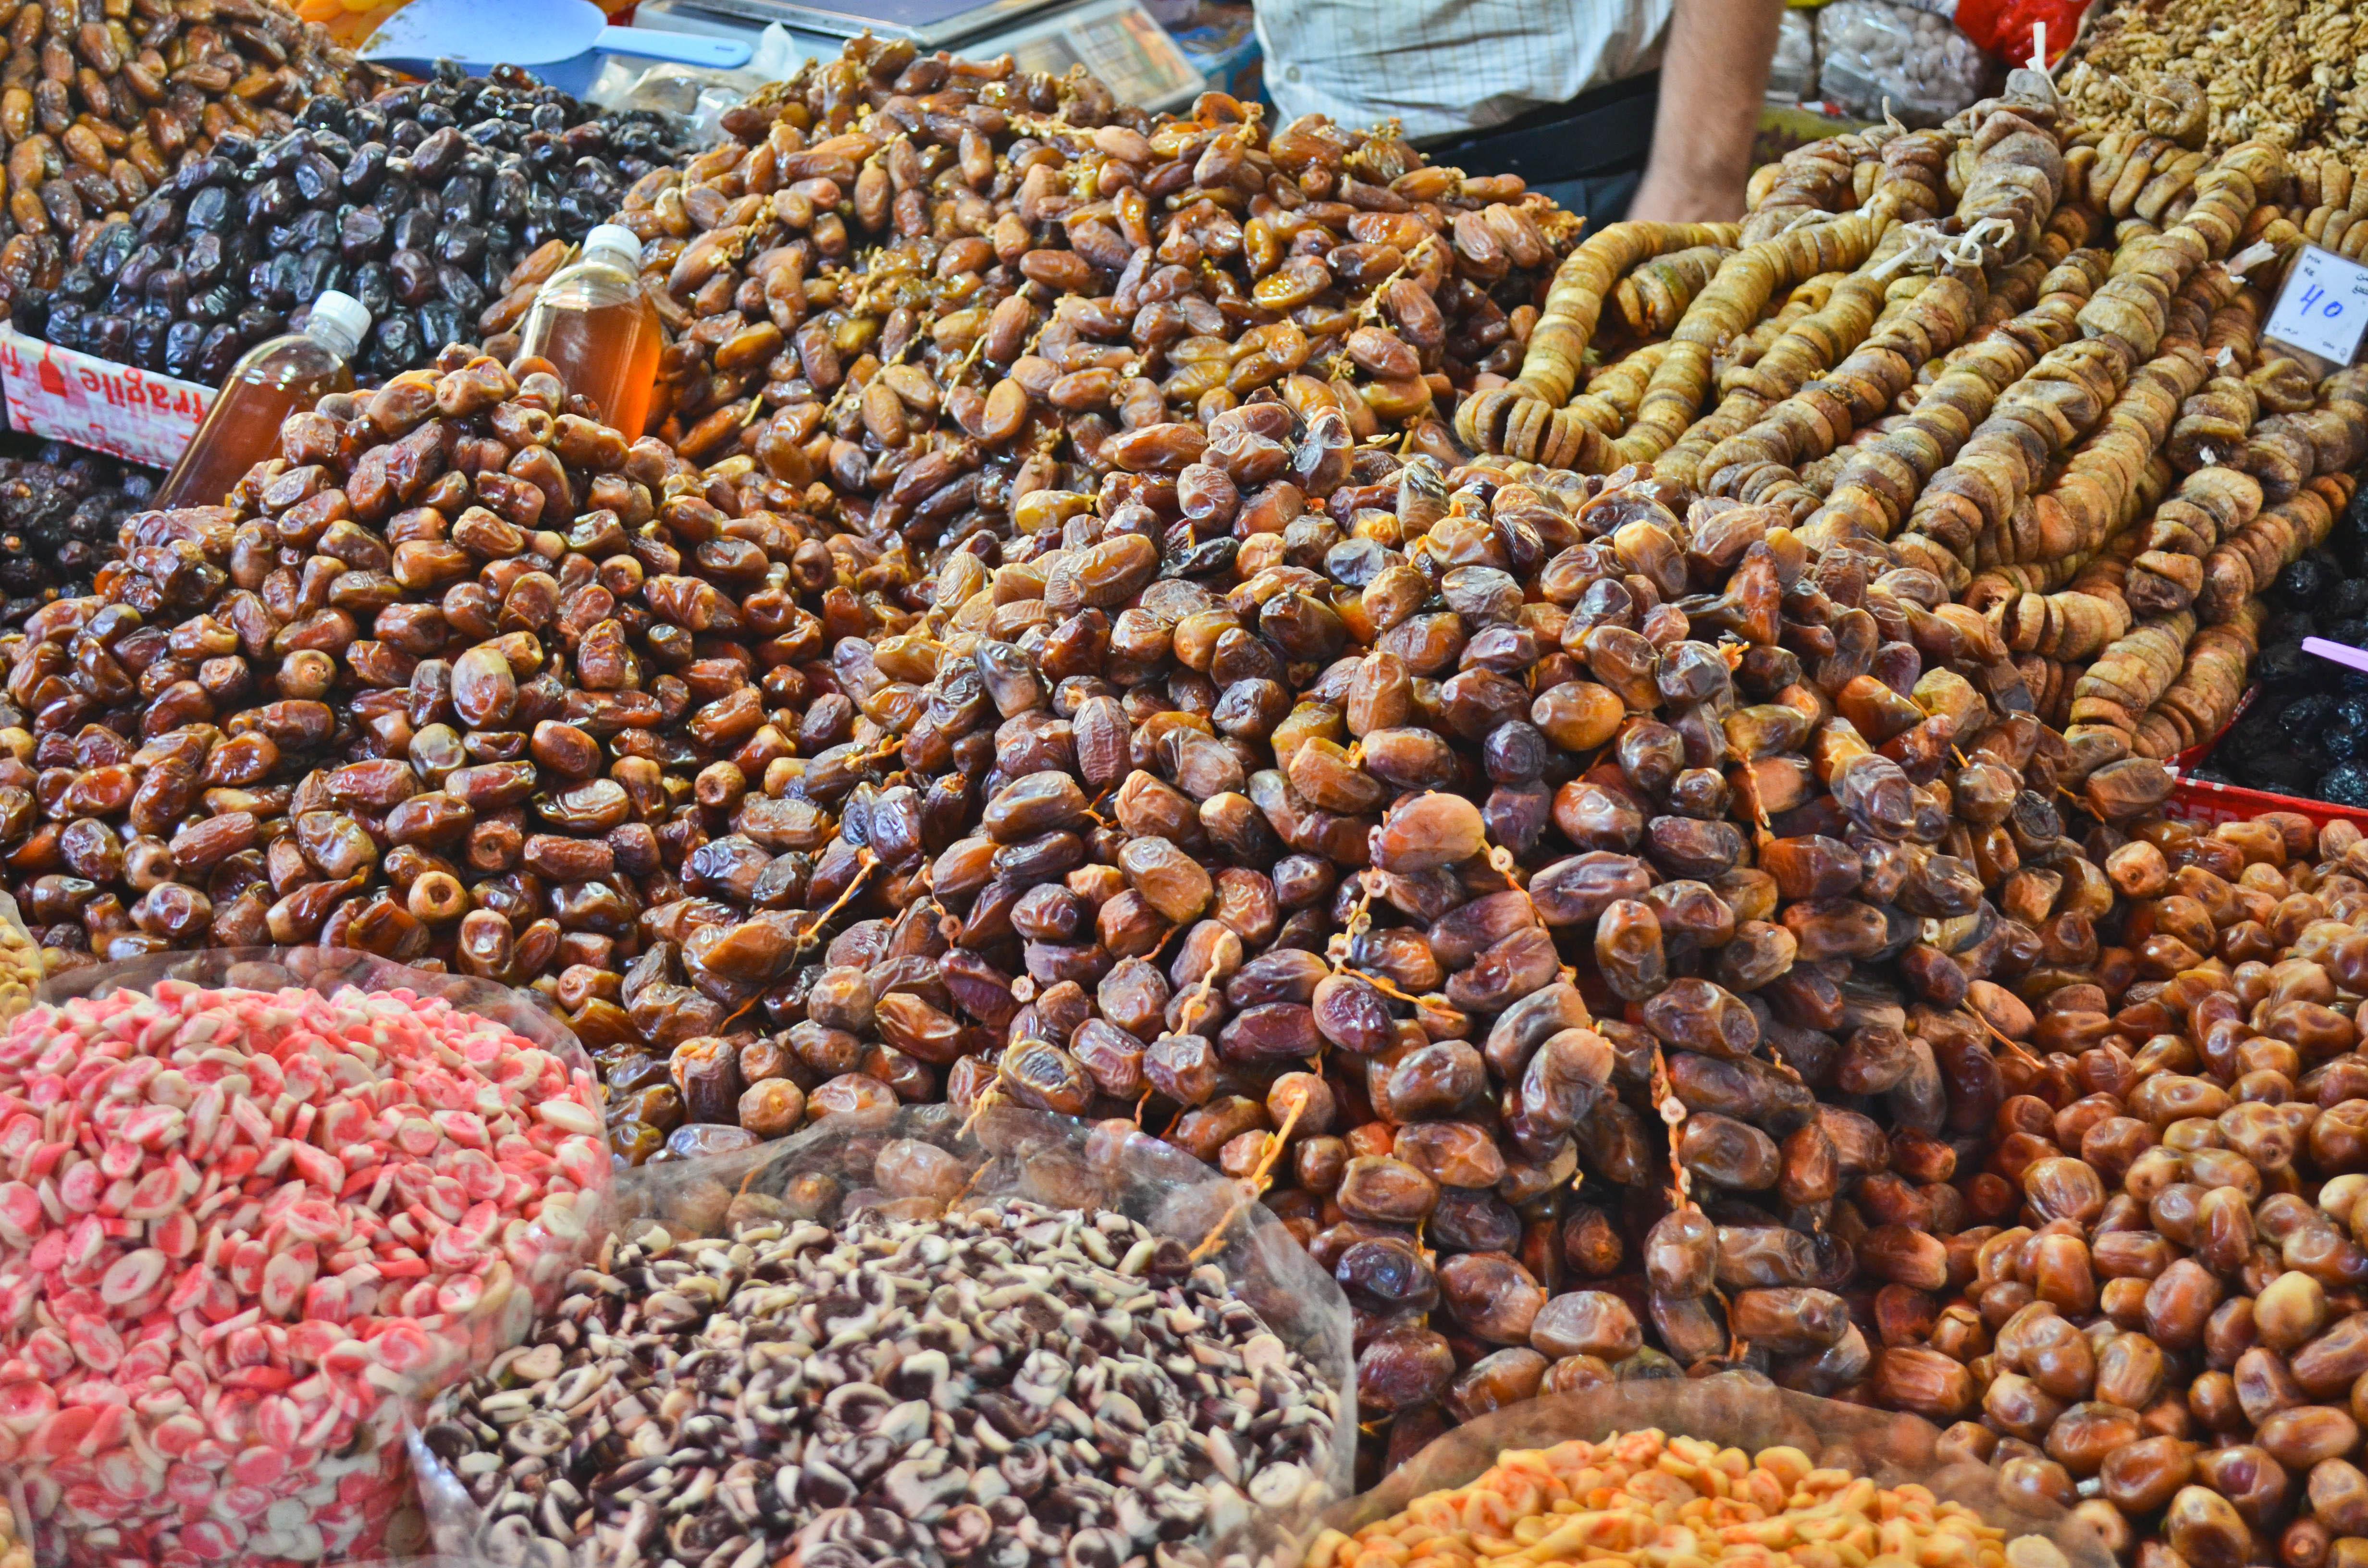 marokanskie jedzenie (1 of 1)-17